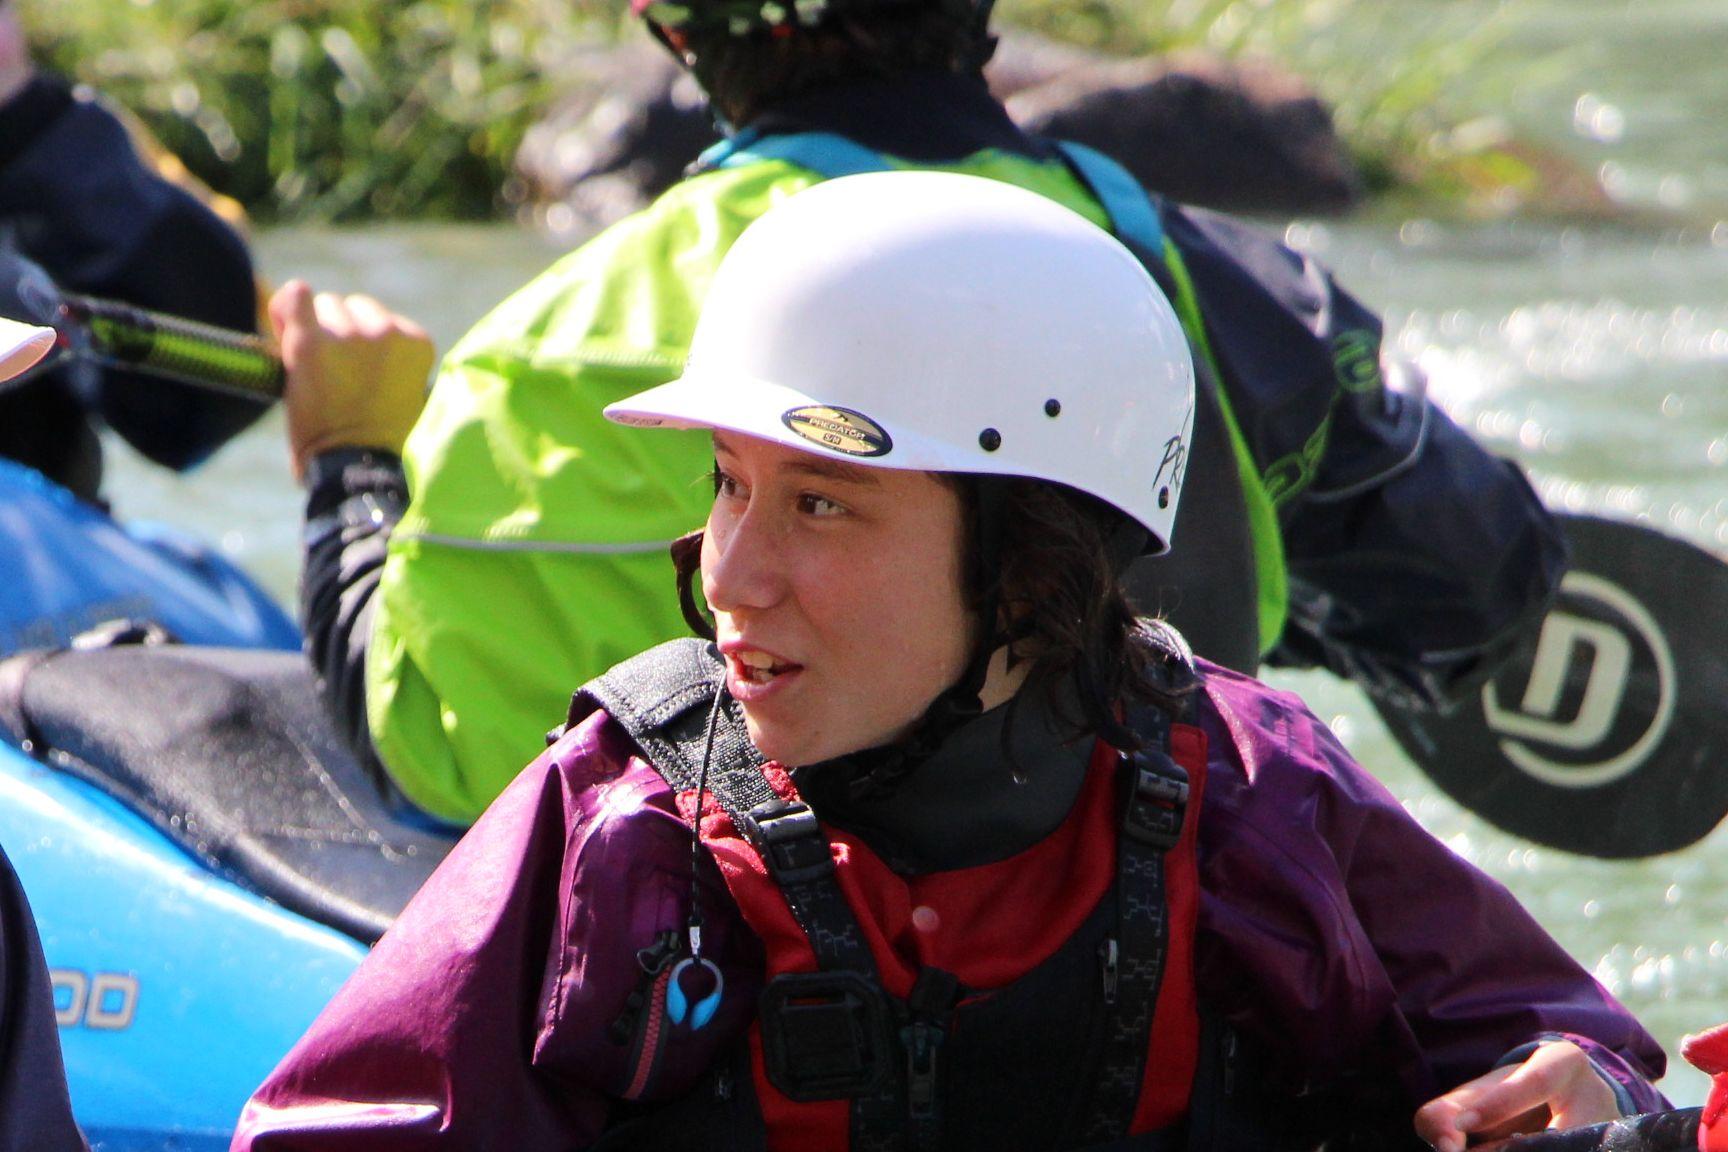 Cristina Viladomat